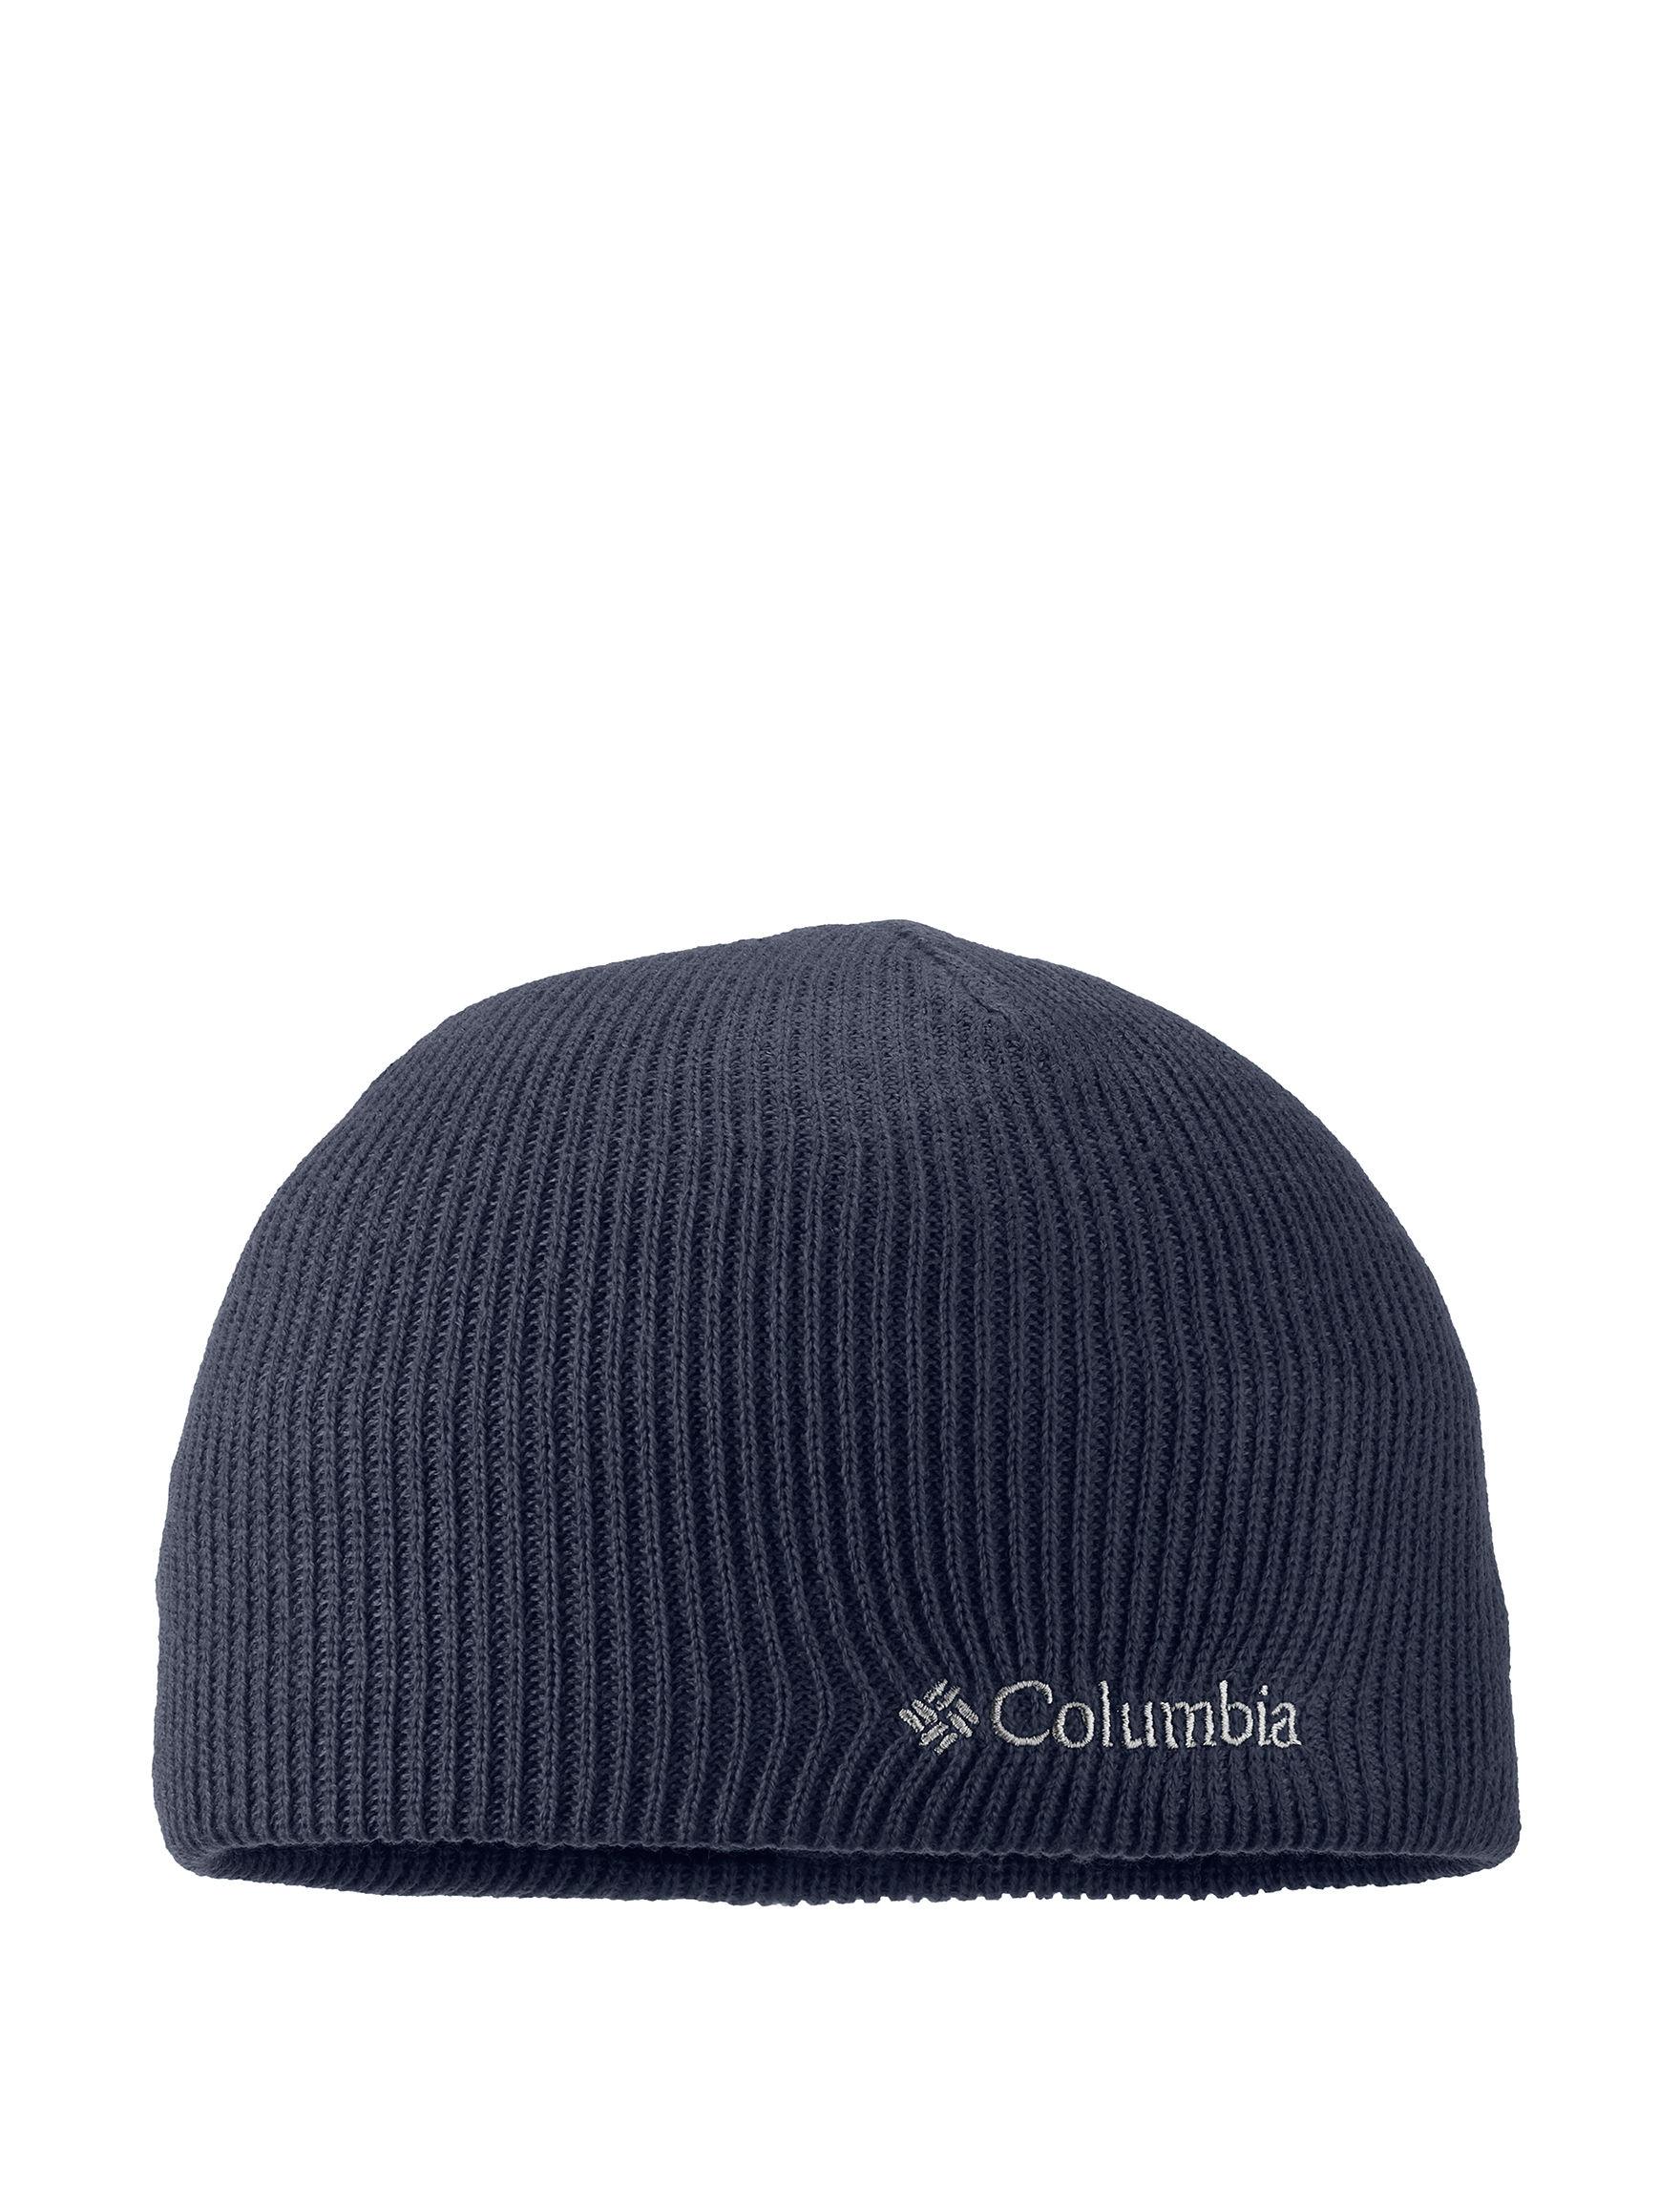 Columbia Navy Hats & Headwear